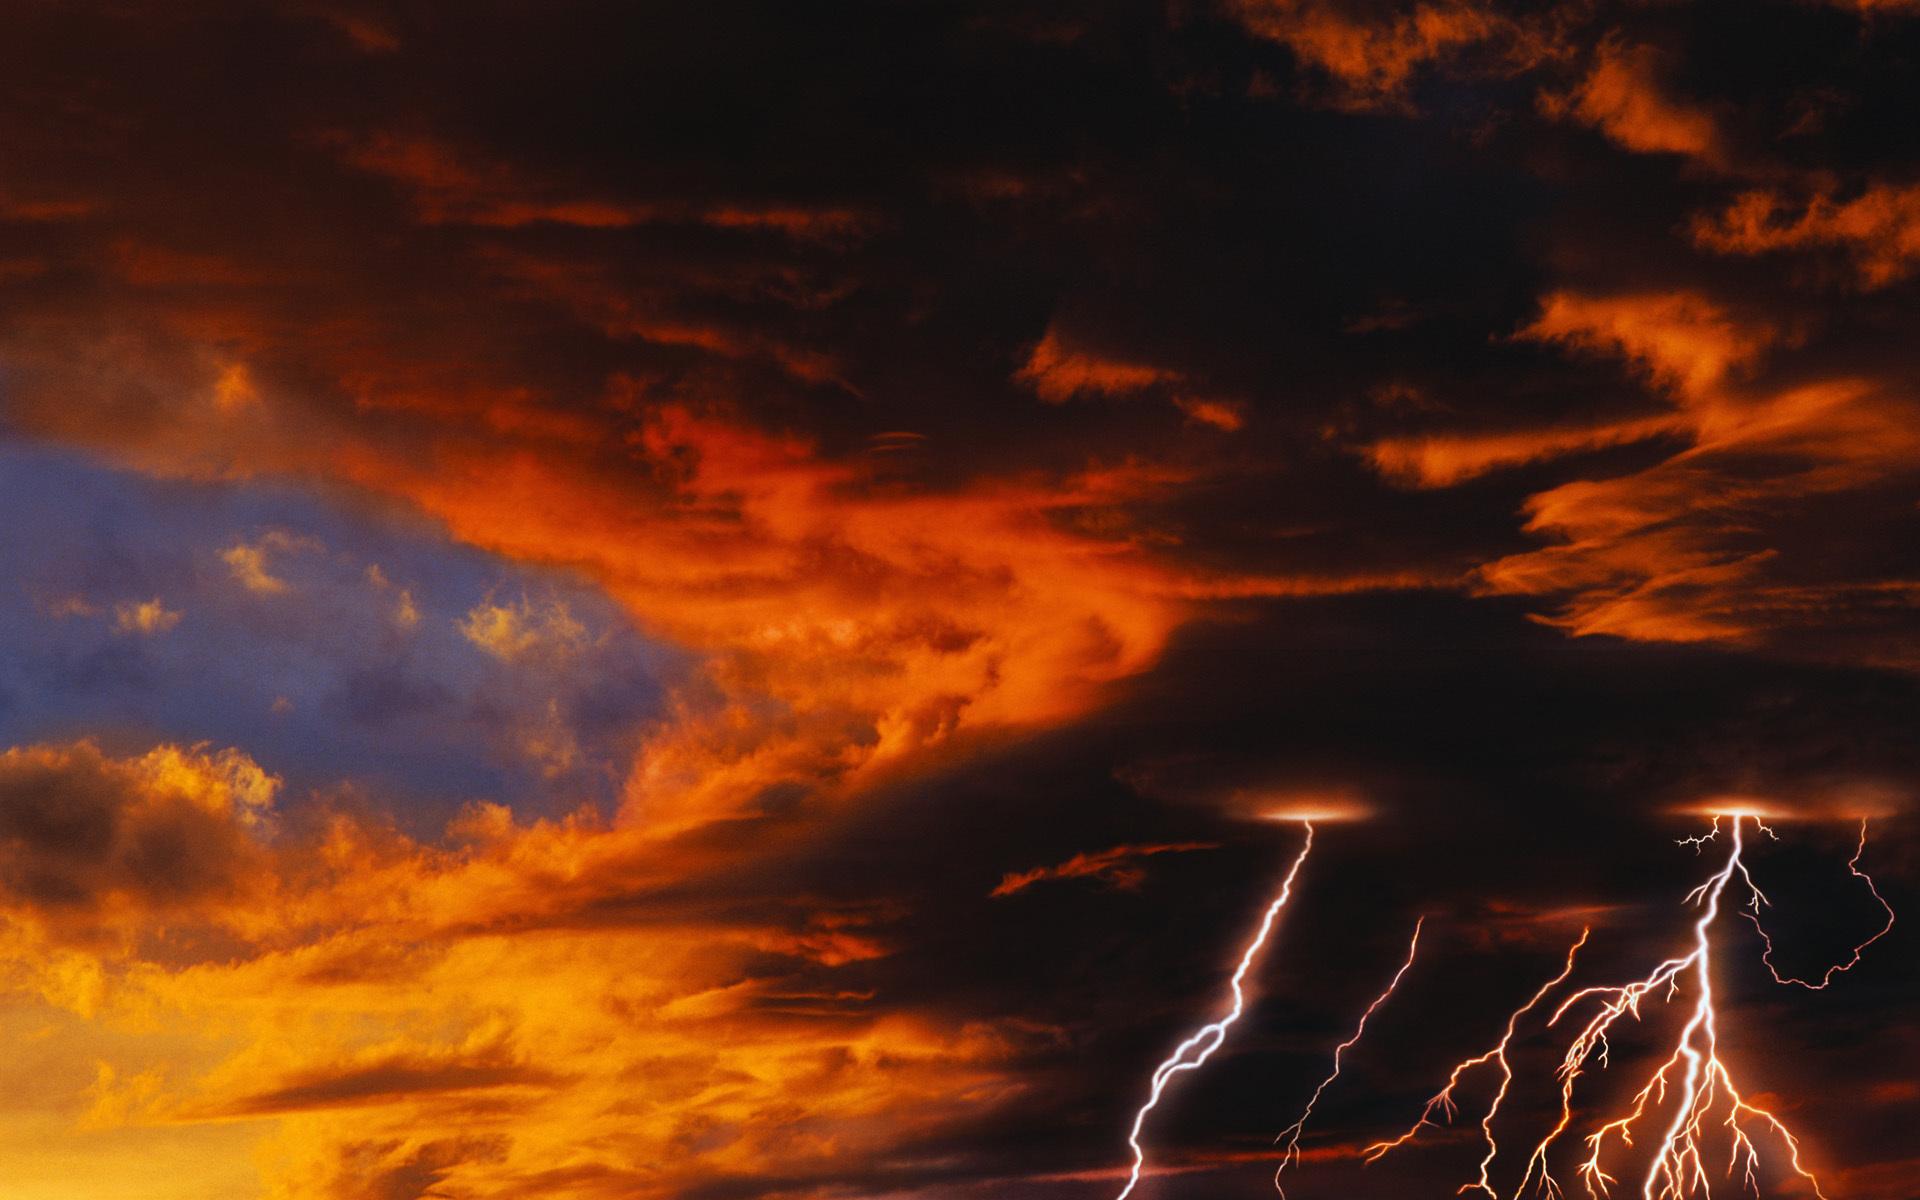 37902 скачать обои Пейзаж, Облака, Молнии - заставки и картинки бесплатно